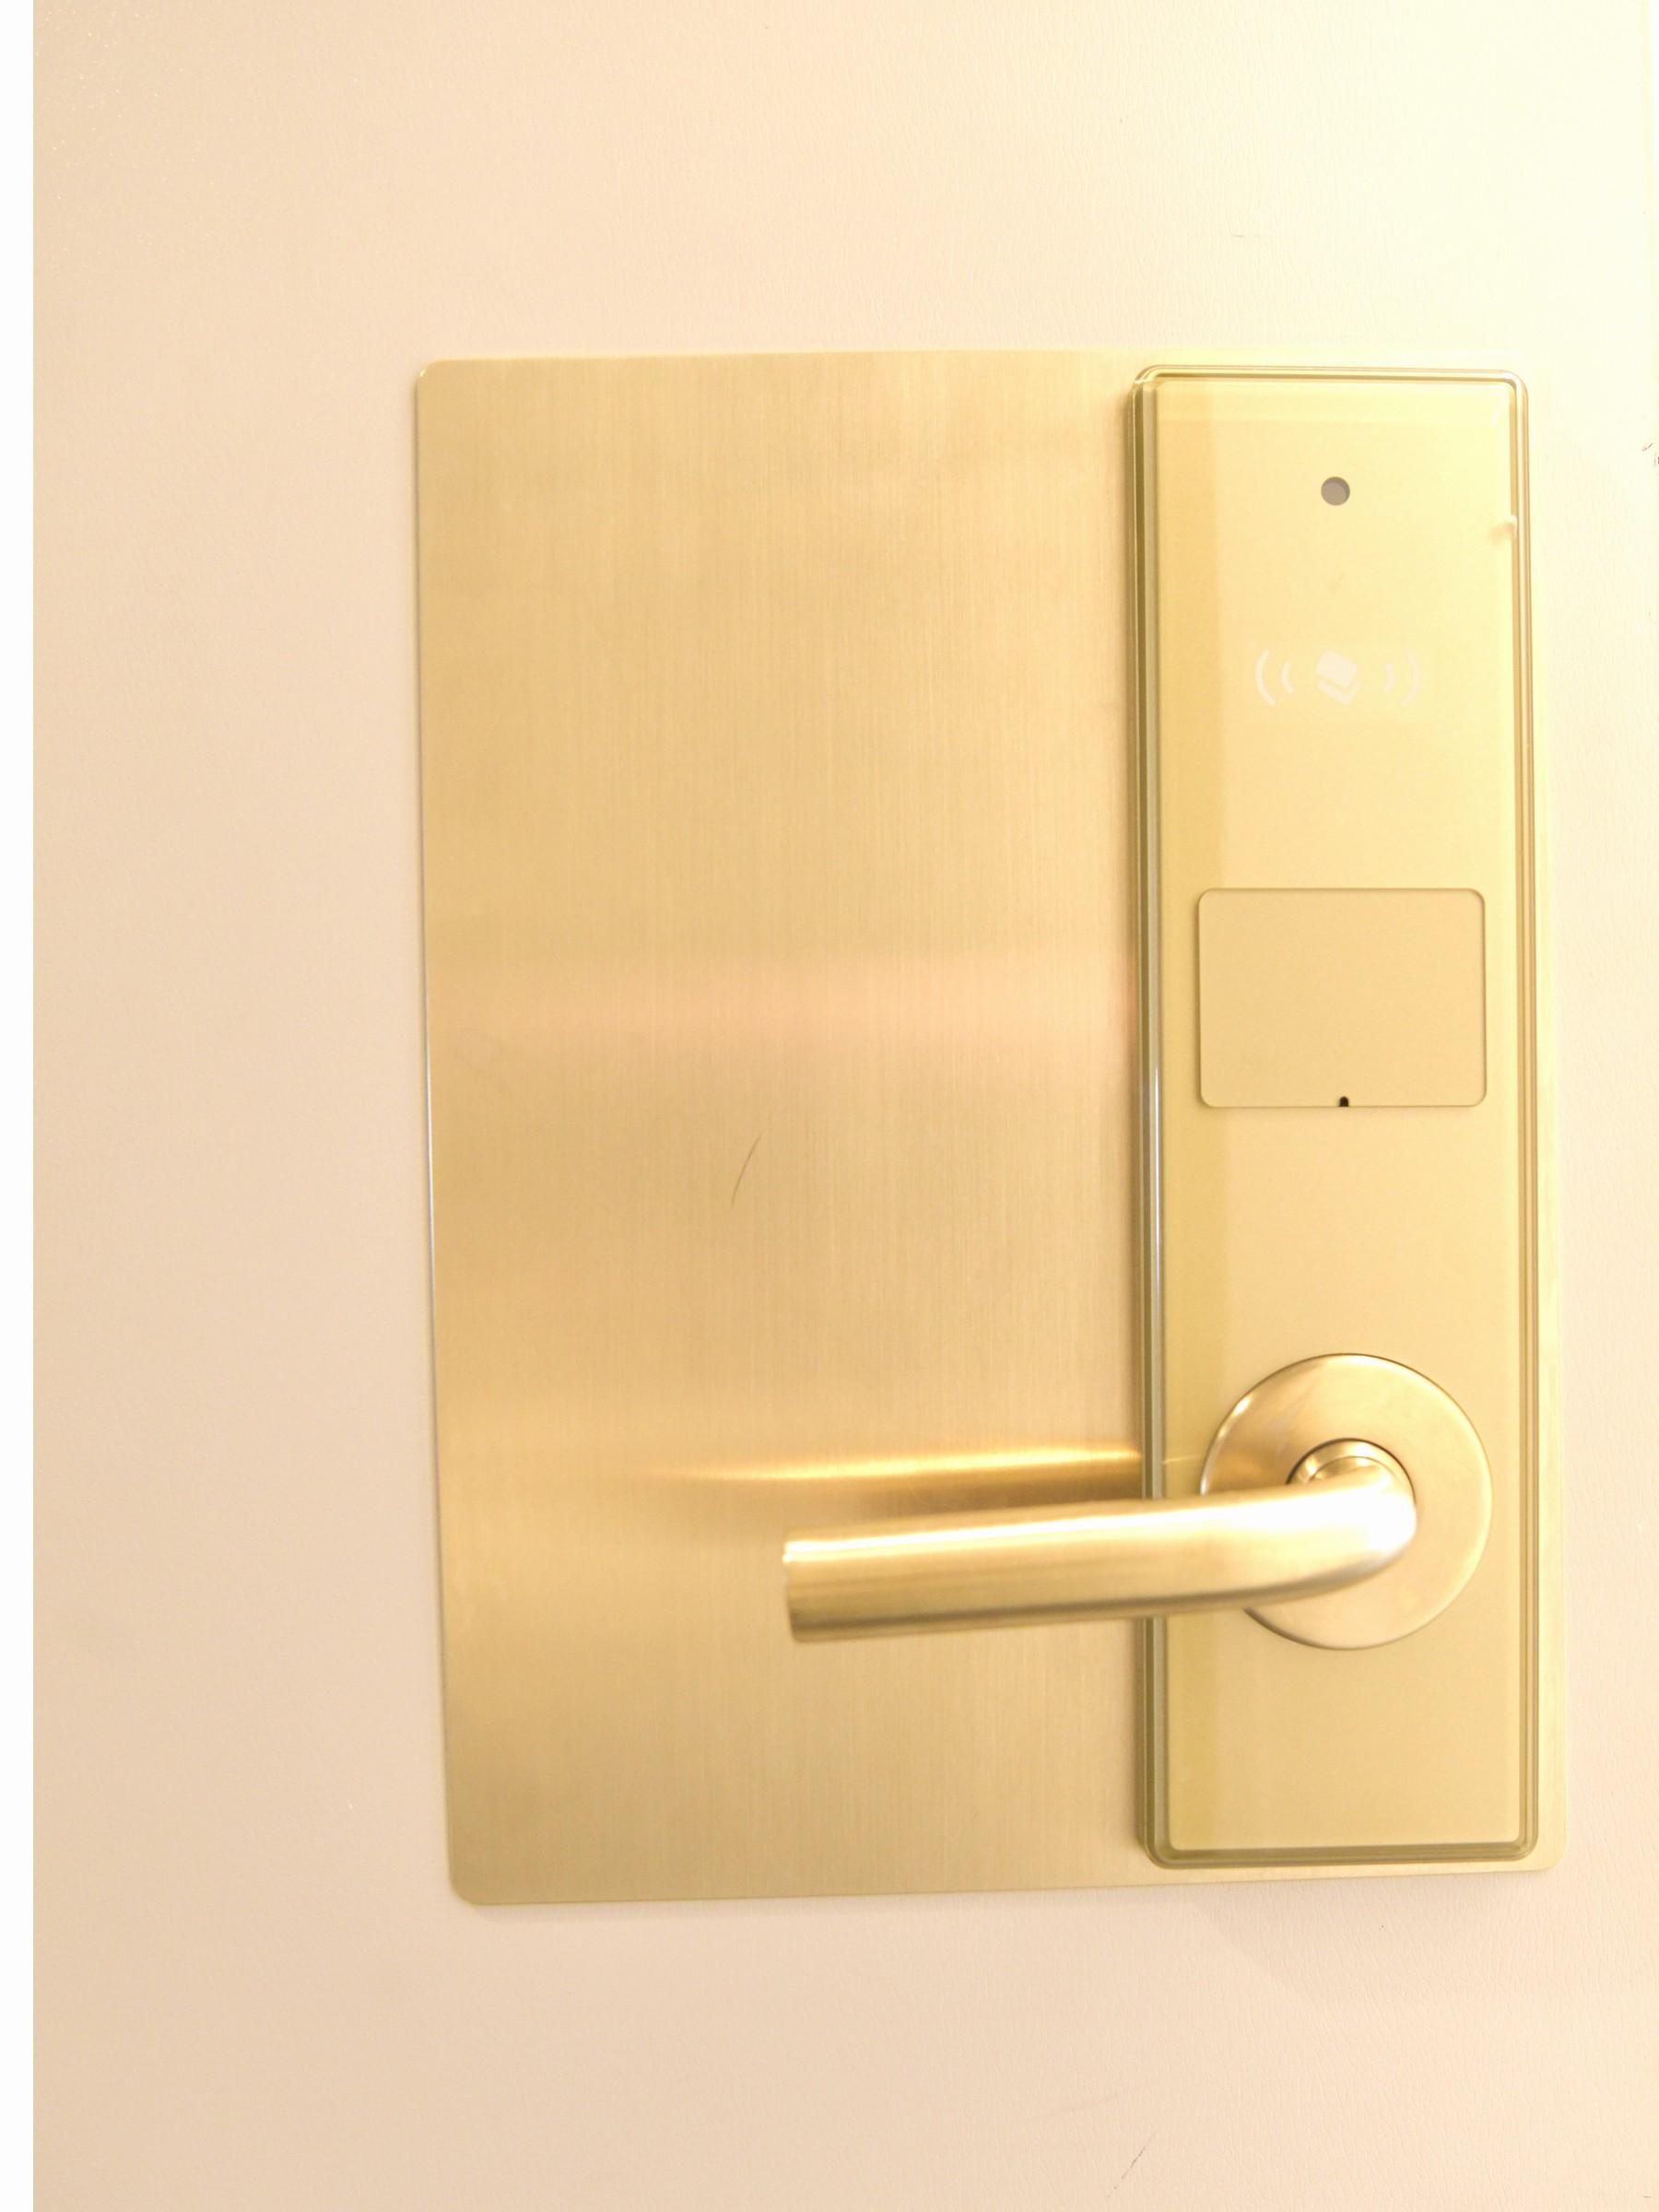 非接触型カードキー